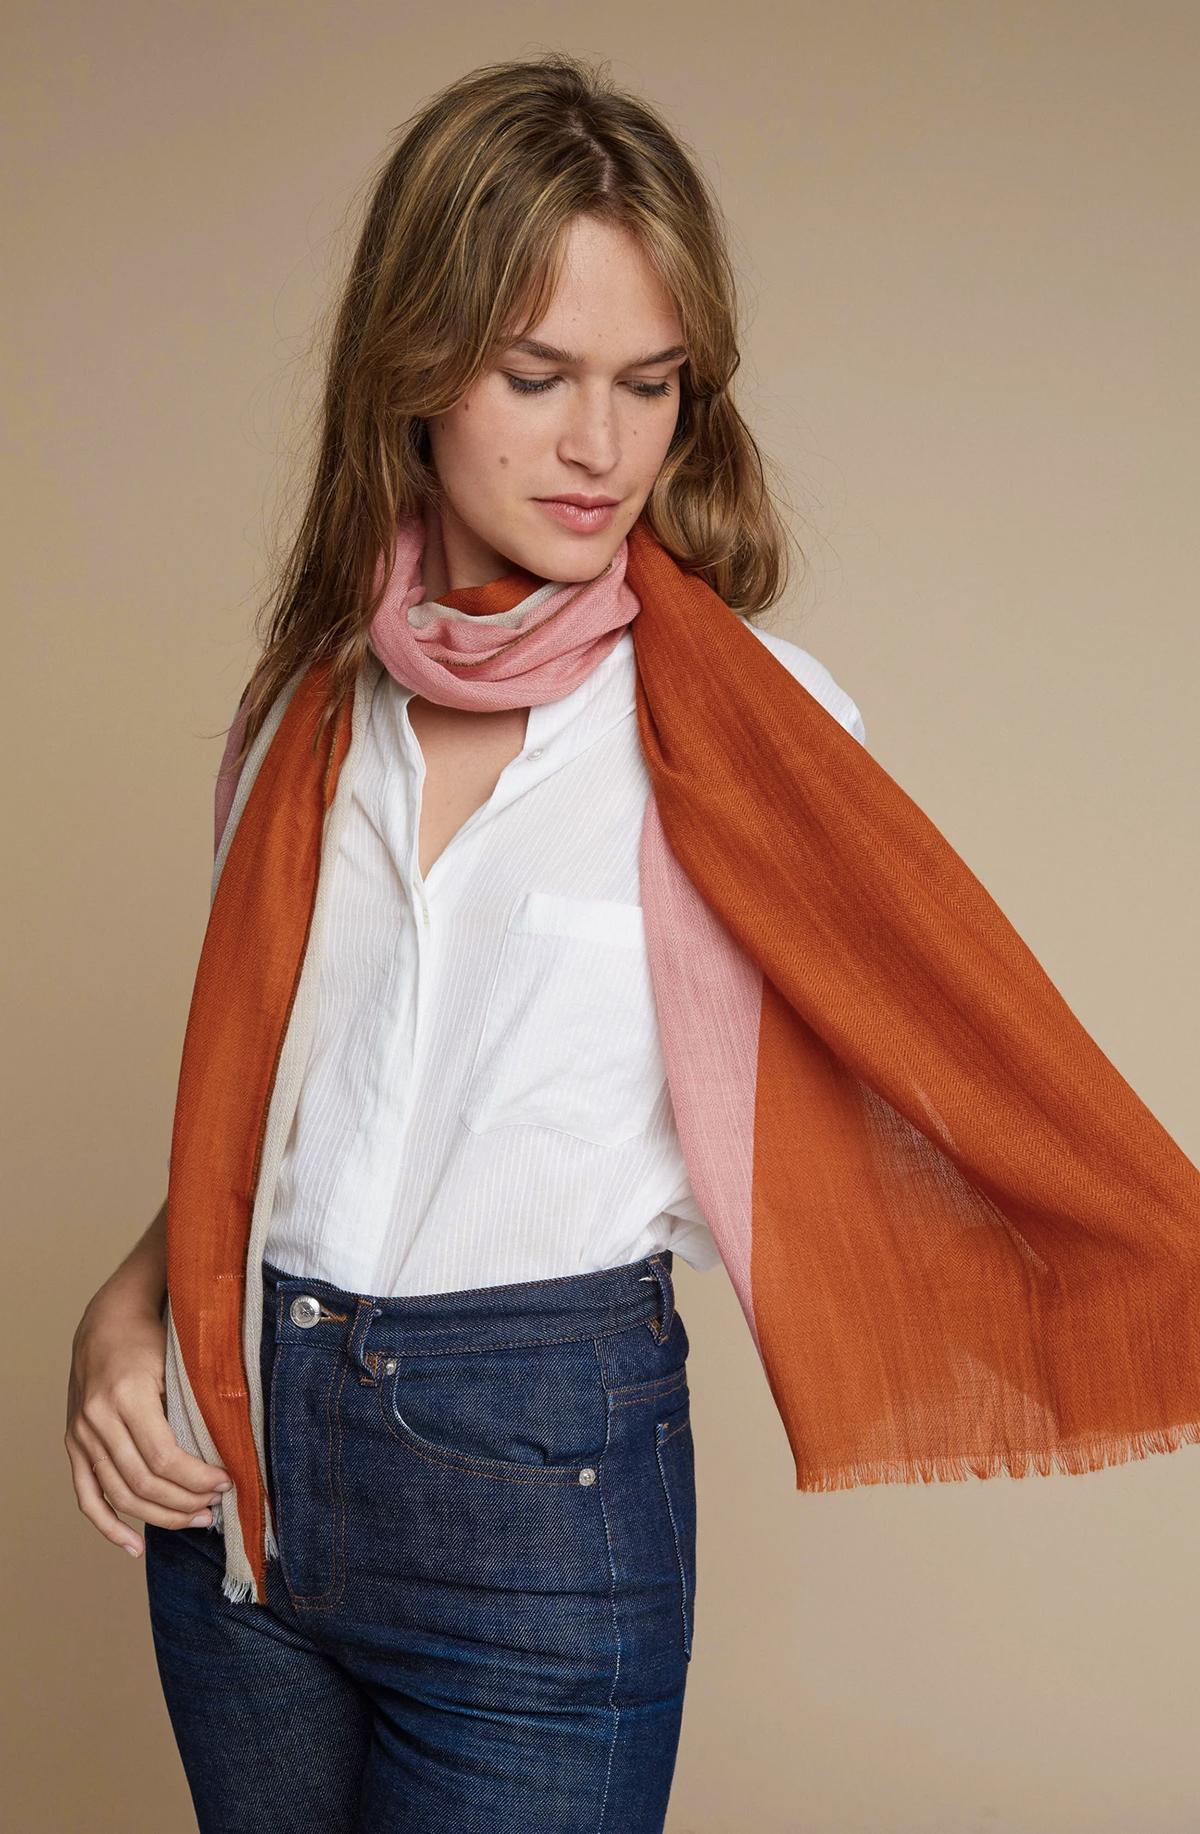 男性にも女性にもおすすめ。いつもの服もグッと新鮮に見える暖かくて肌触りの良い「ストール・マフラー」|MOISMONT(モワモン)